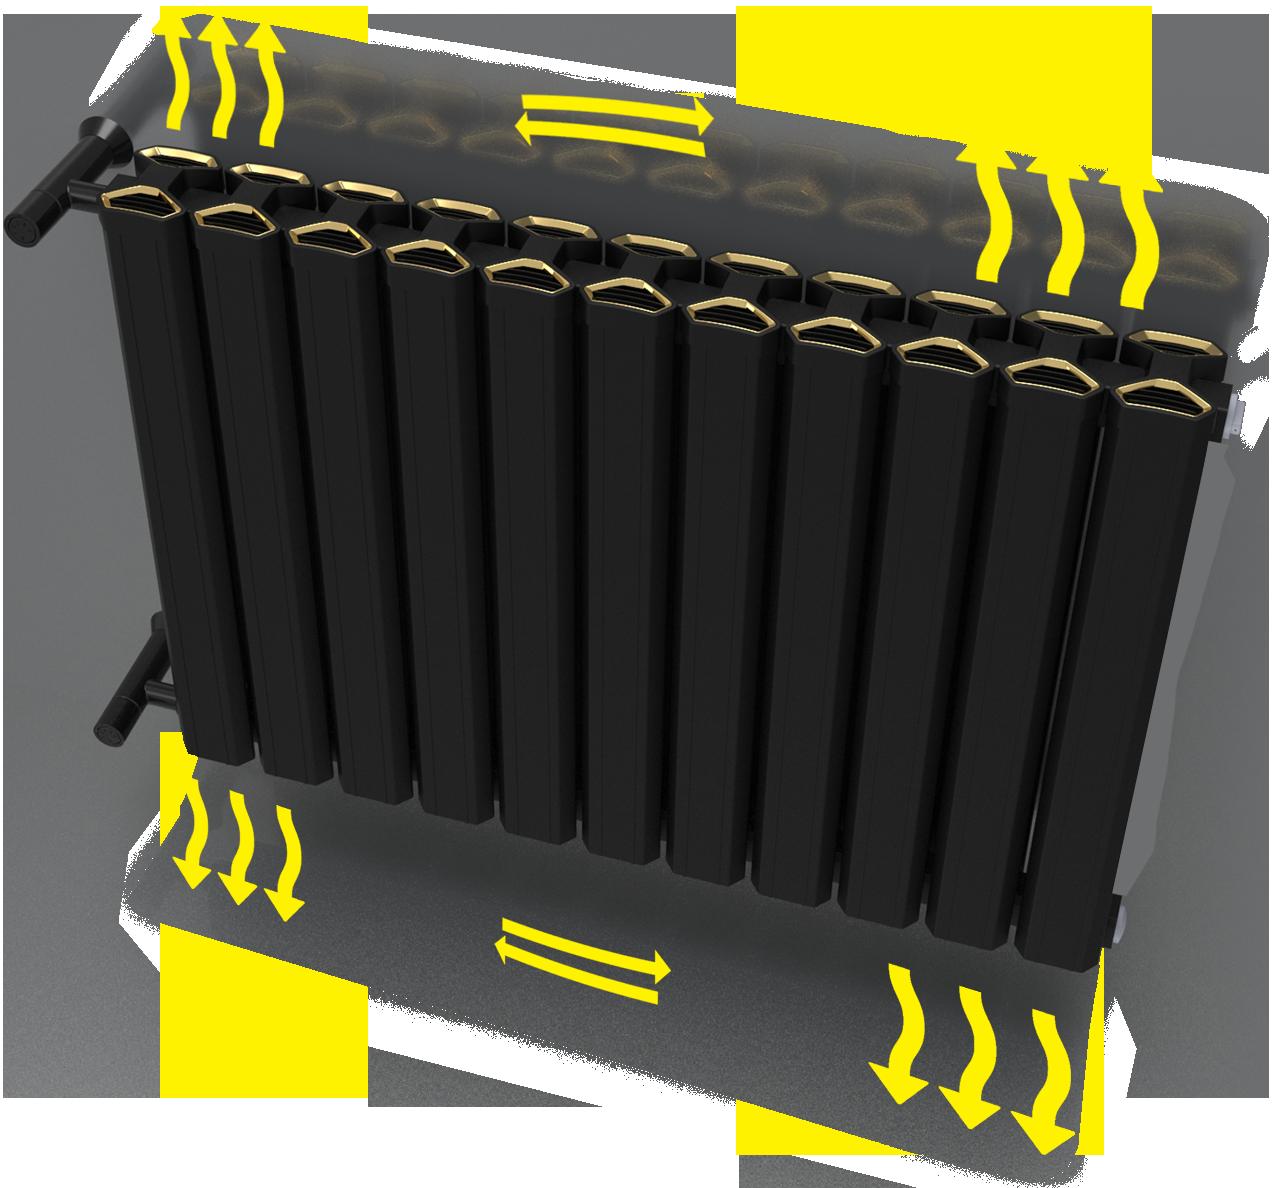 تکنولوژی گرمایش یکنواخت در رادیاتور آنیت